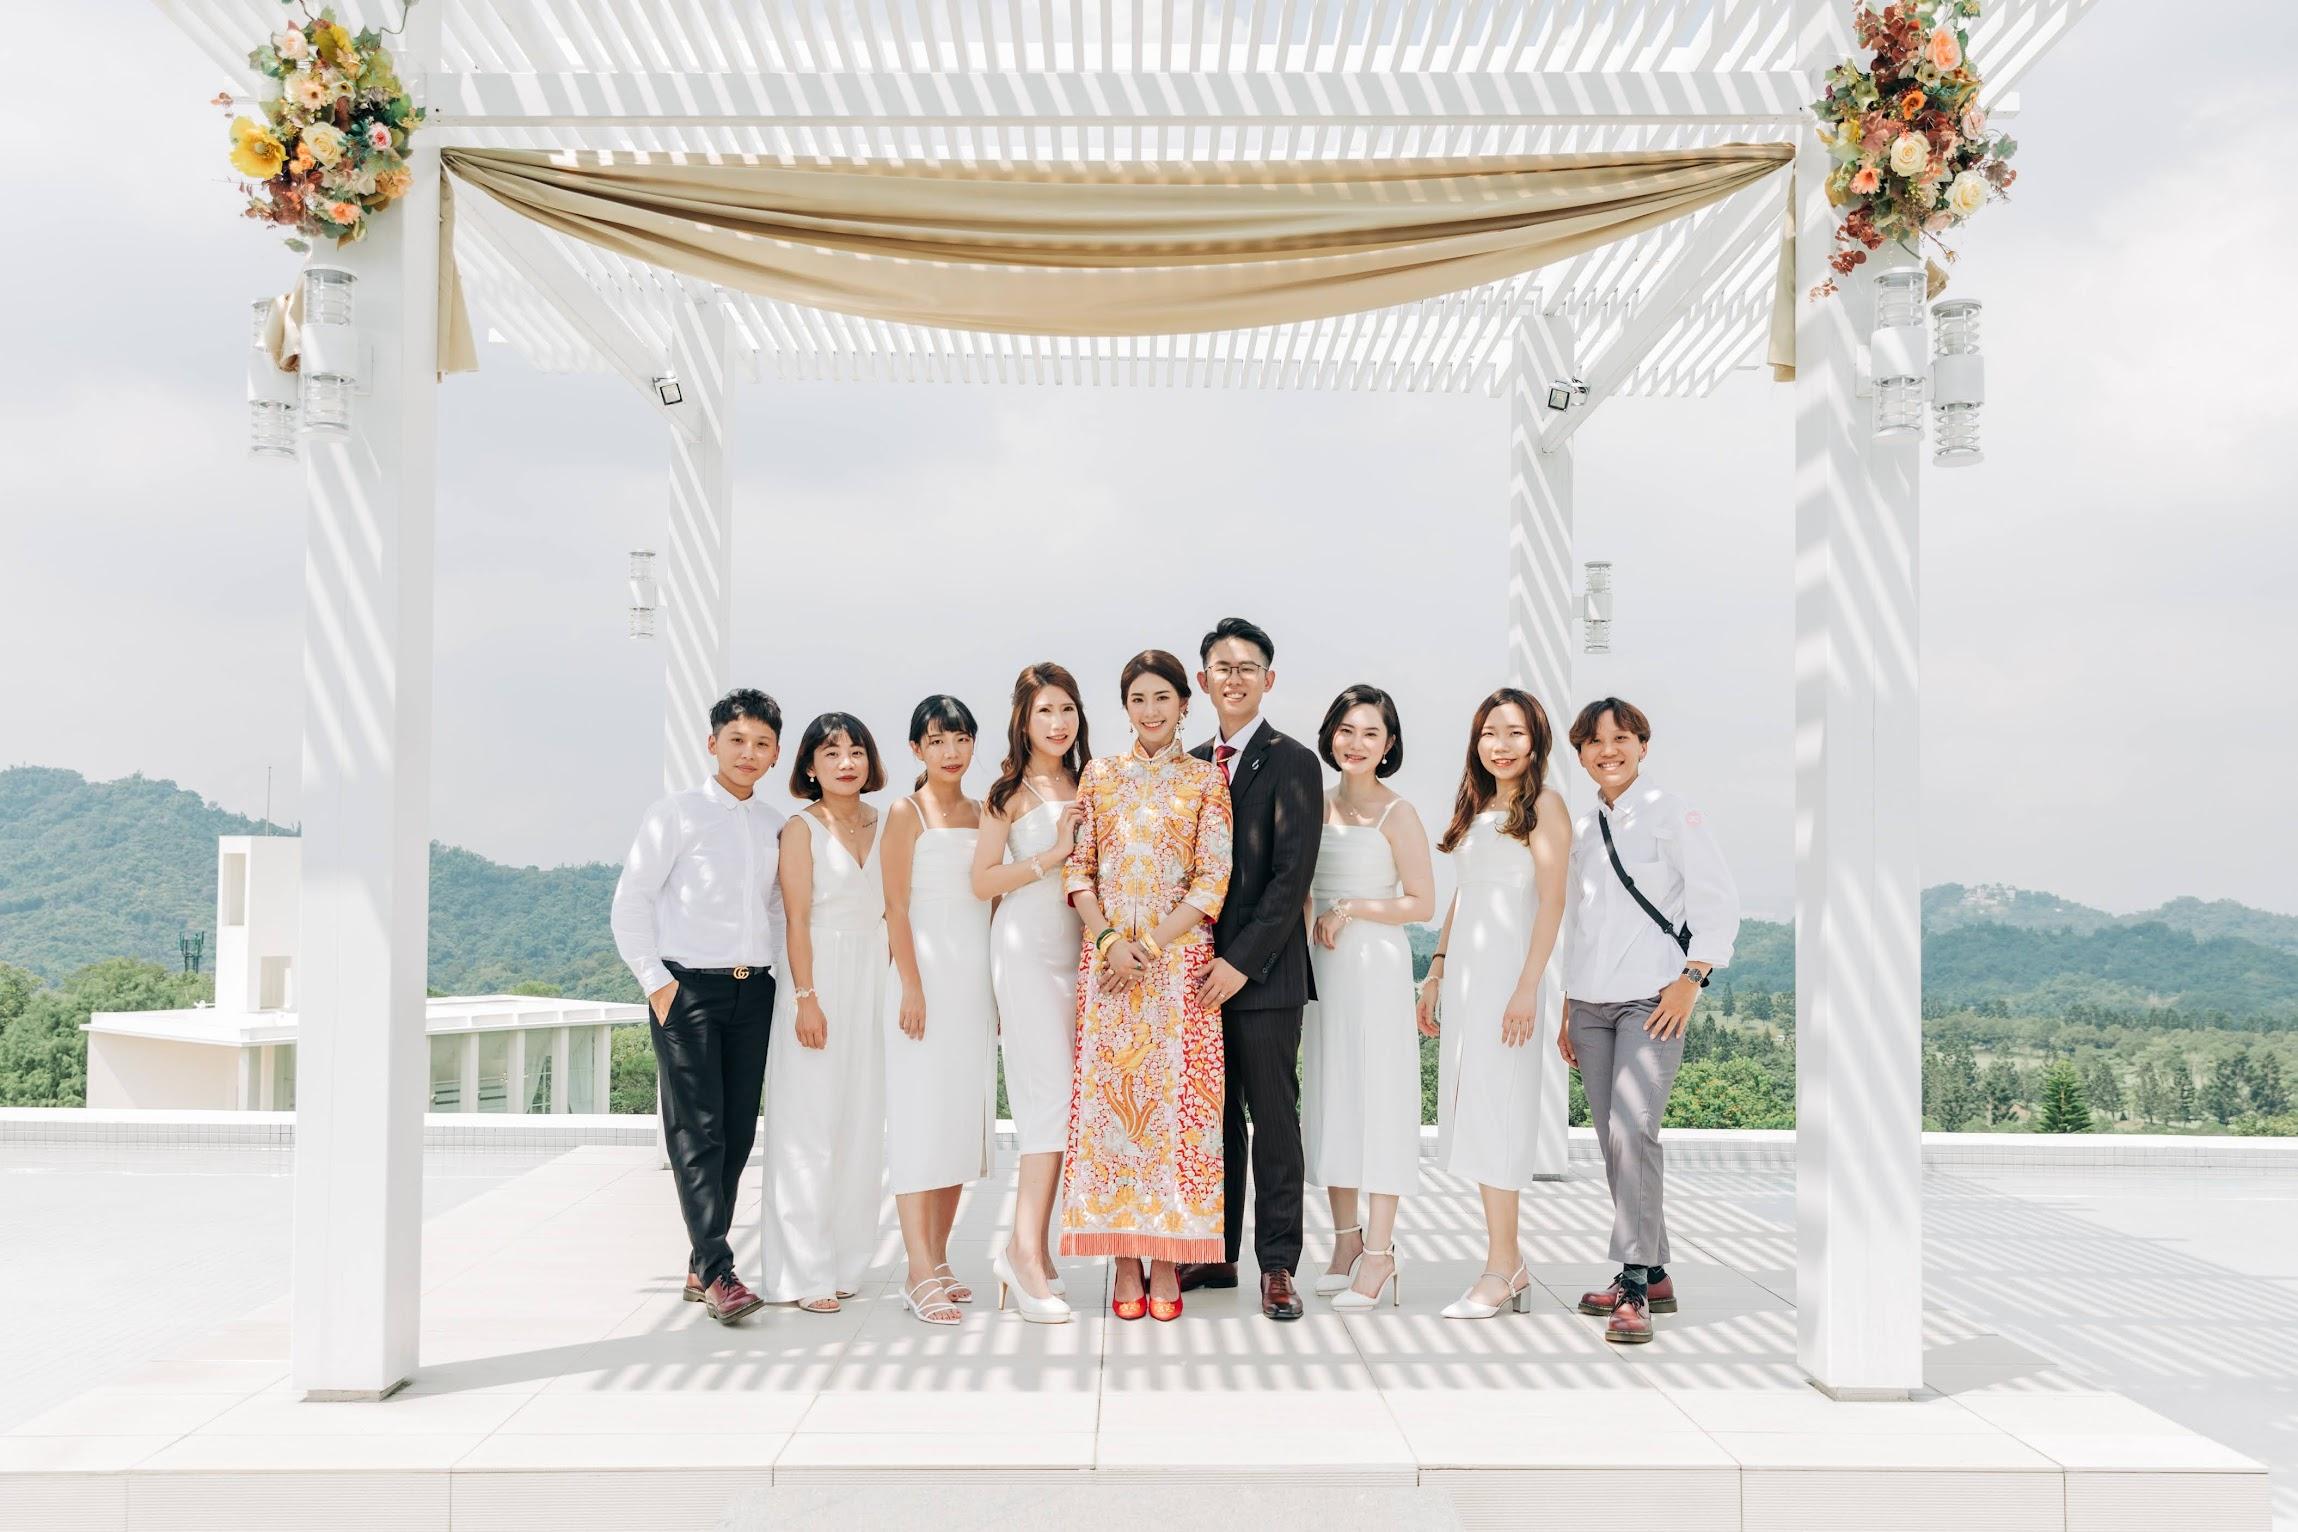 心之芳庭的美式婚禮攝影,Amazing Grace攝影美學,台中 美式婚攝,心之芳庭婚攝,天空Villa 婚禮